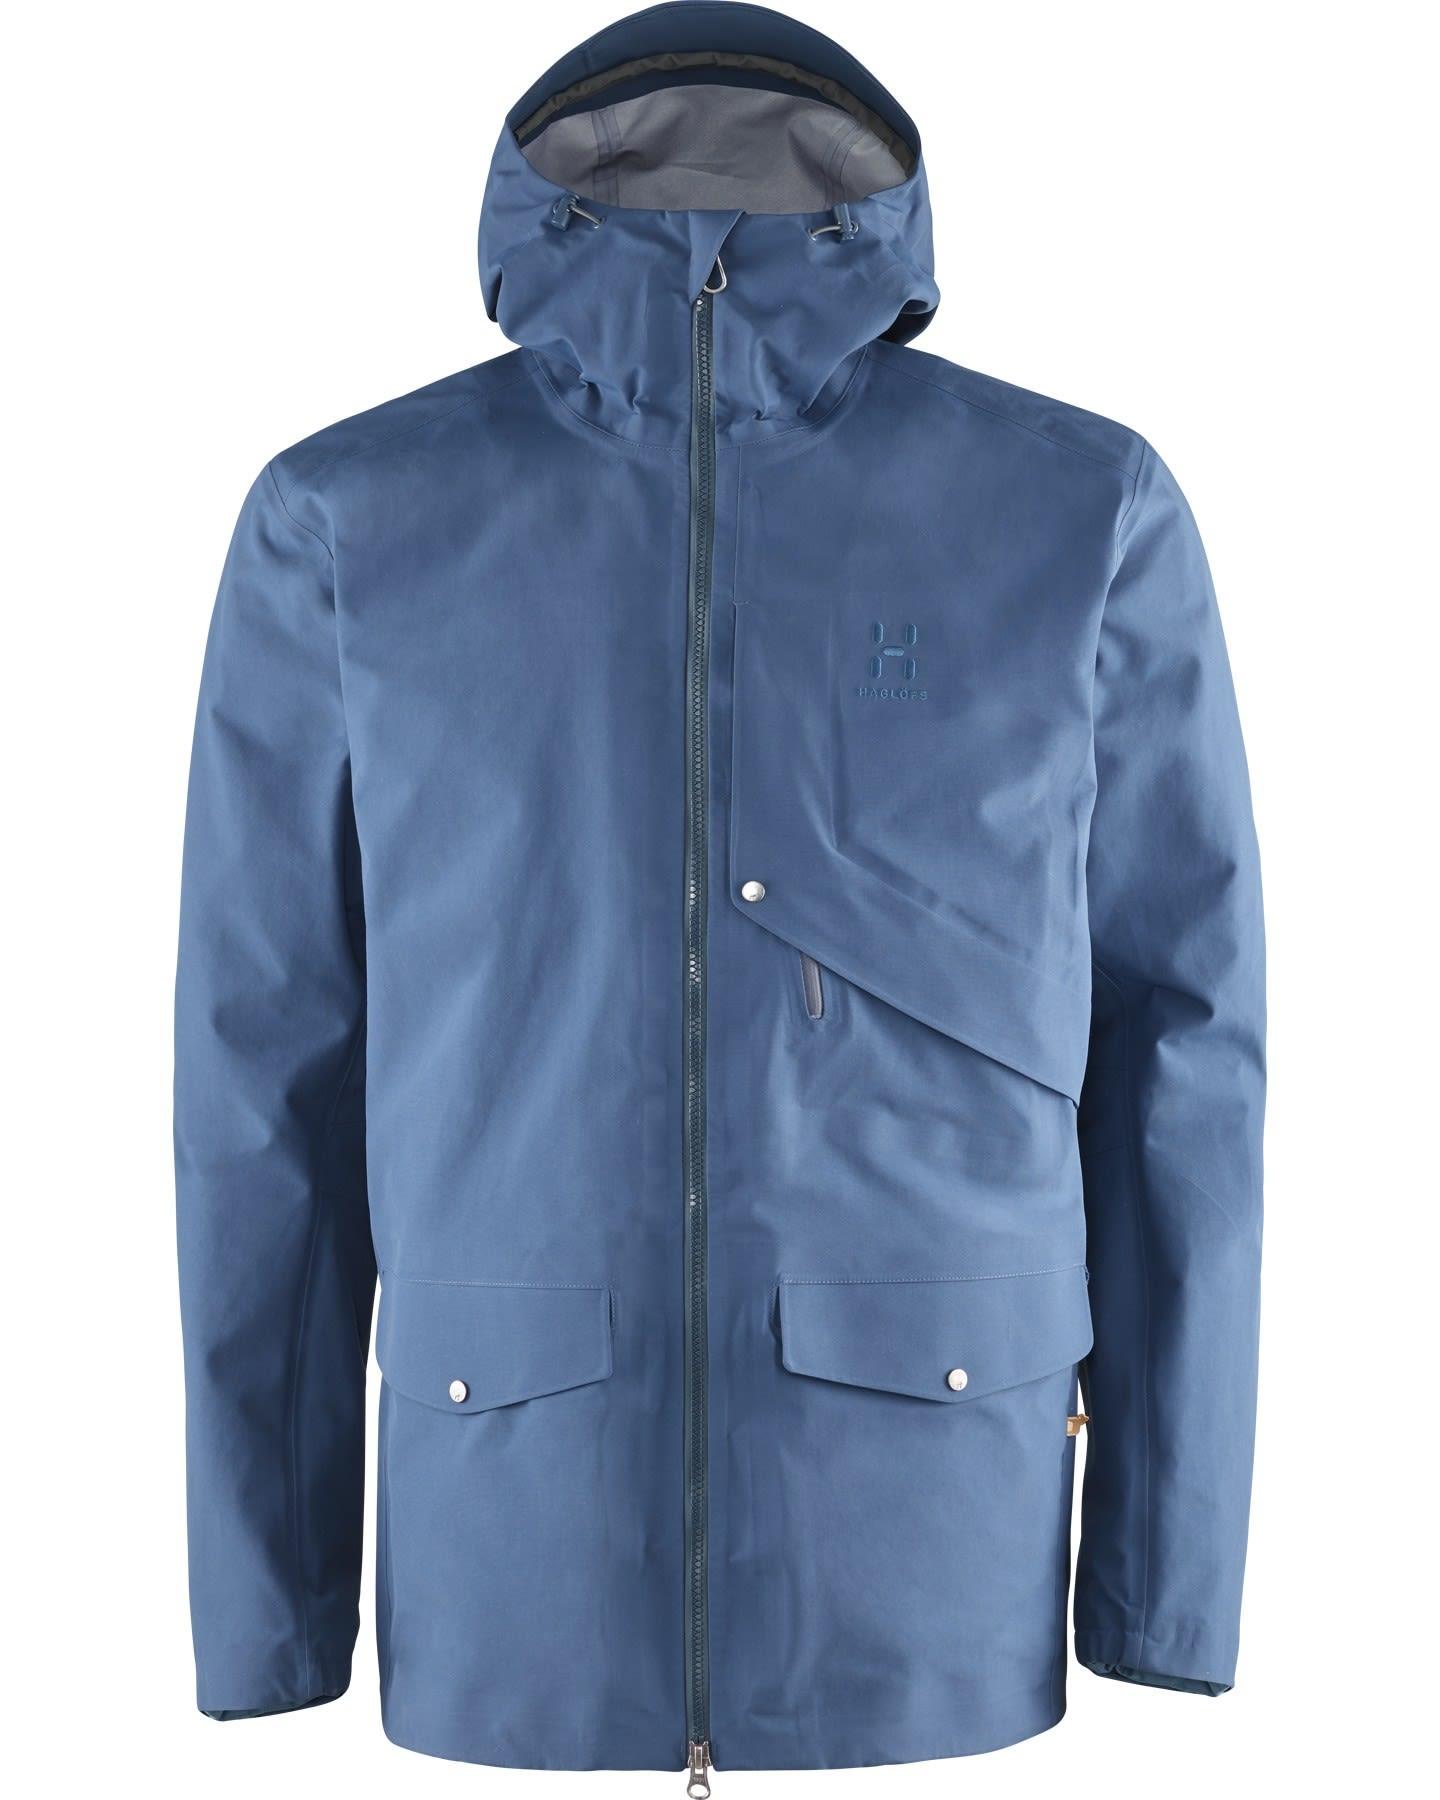 Haglöfs M Selja Jacket (Modell Winter 2017)   Größe S,M,L,XL   Herren Freizei